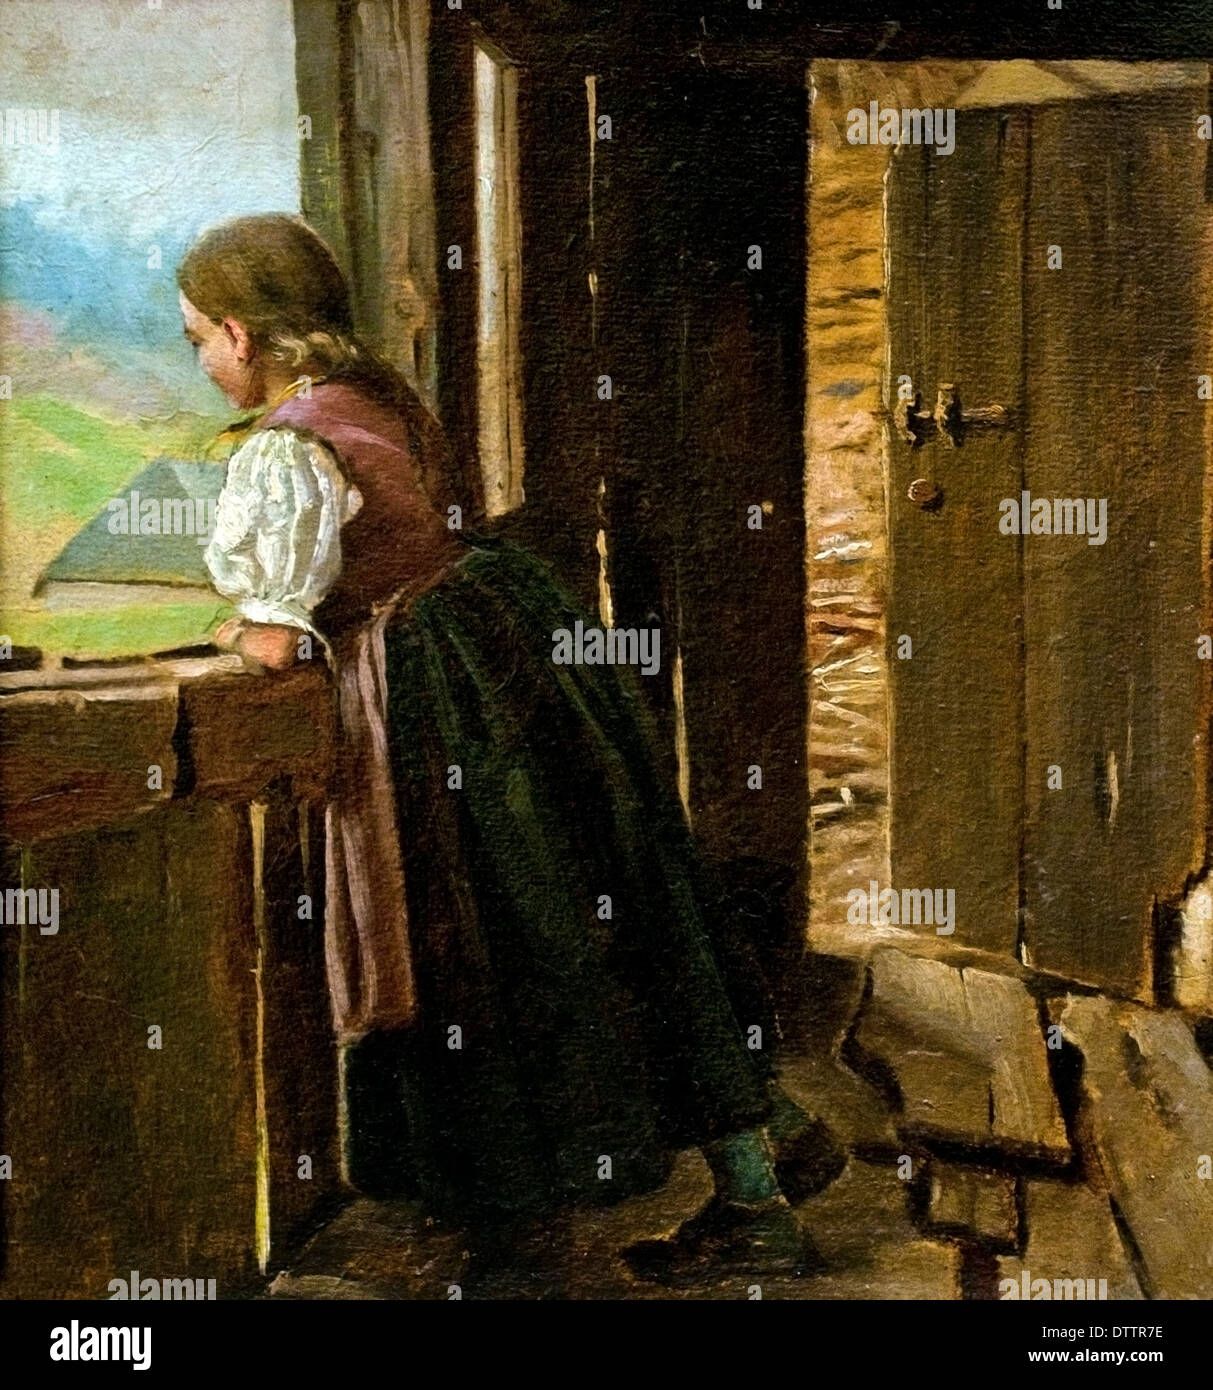 Mädchen auf der Laube eines Bauernhauses - Girl on the porch of a farmhouse 1910 Hans Thoma 1839 - 1924 German German - Stock Image